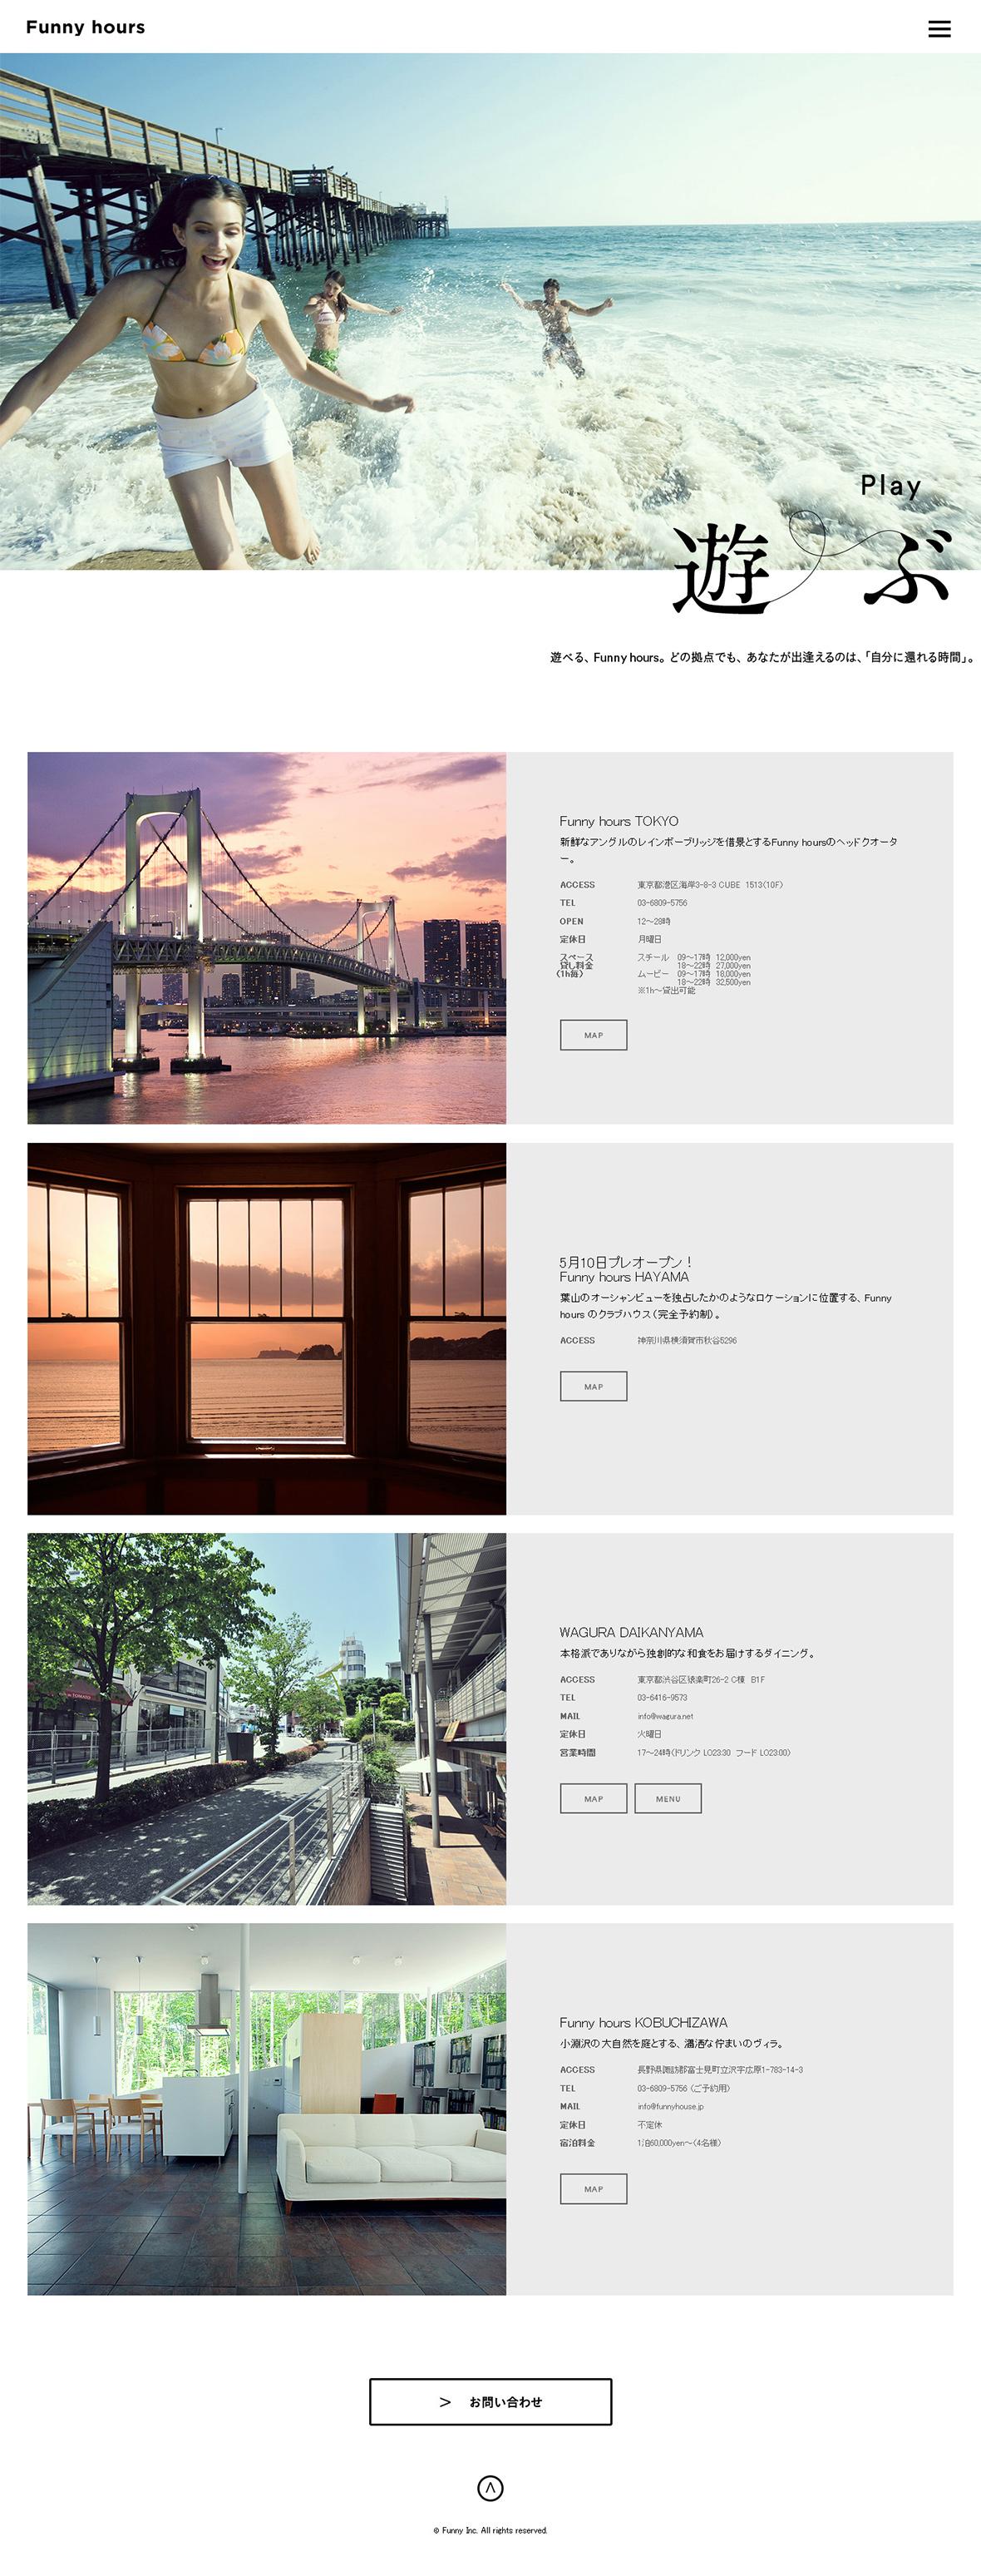 Funny hours-创意,网页设计,创意设计,创意网站,字体设计,设计网站,设计作品,网站欣赏,优,ui设计,设计,设计师,平面设计,电商设计,动漫设计,网站设计